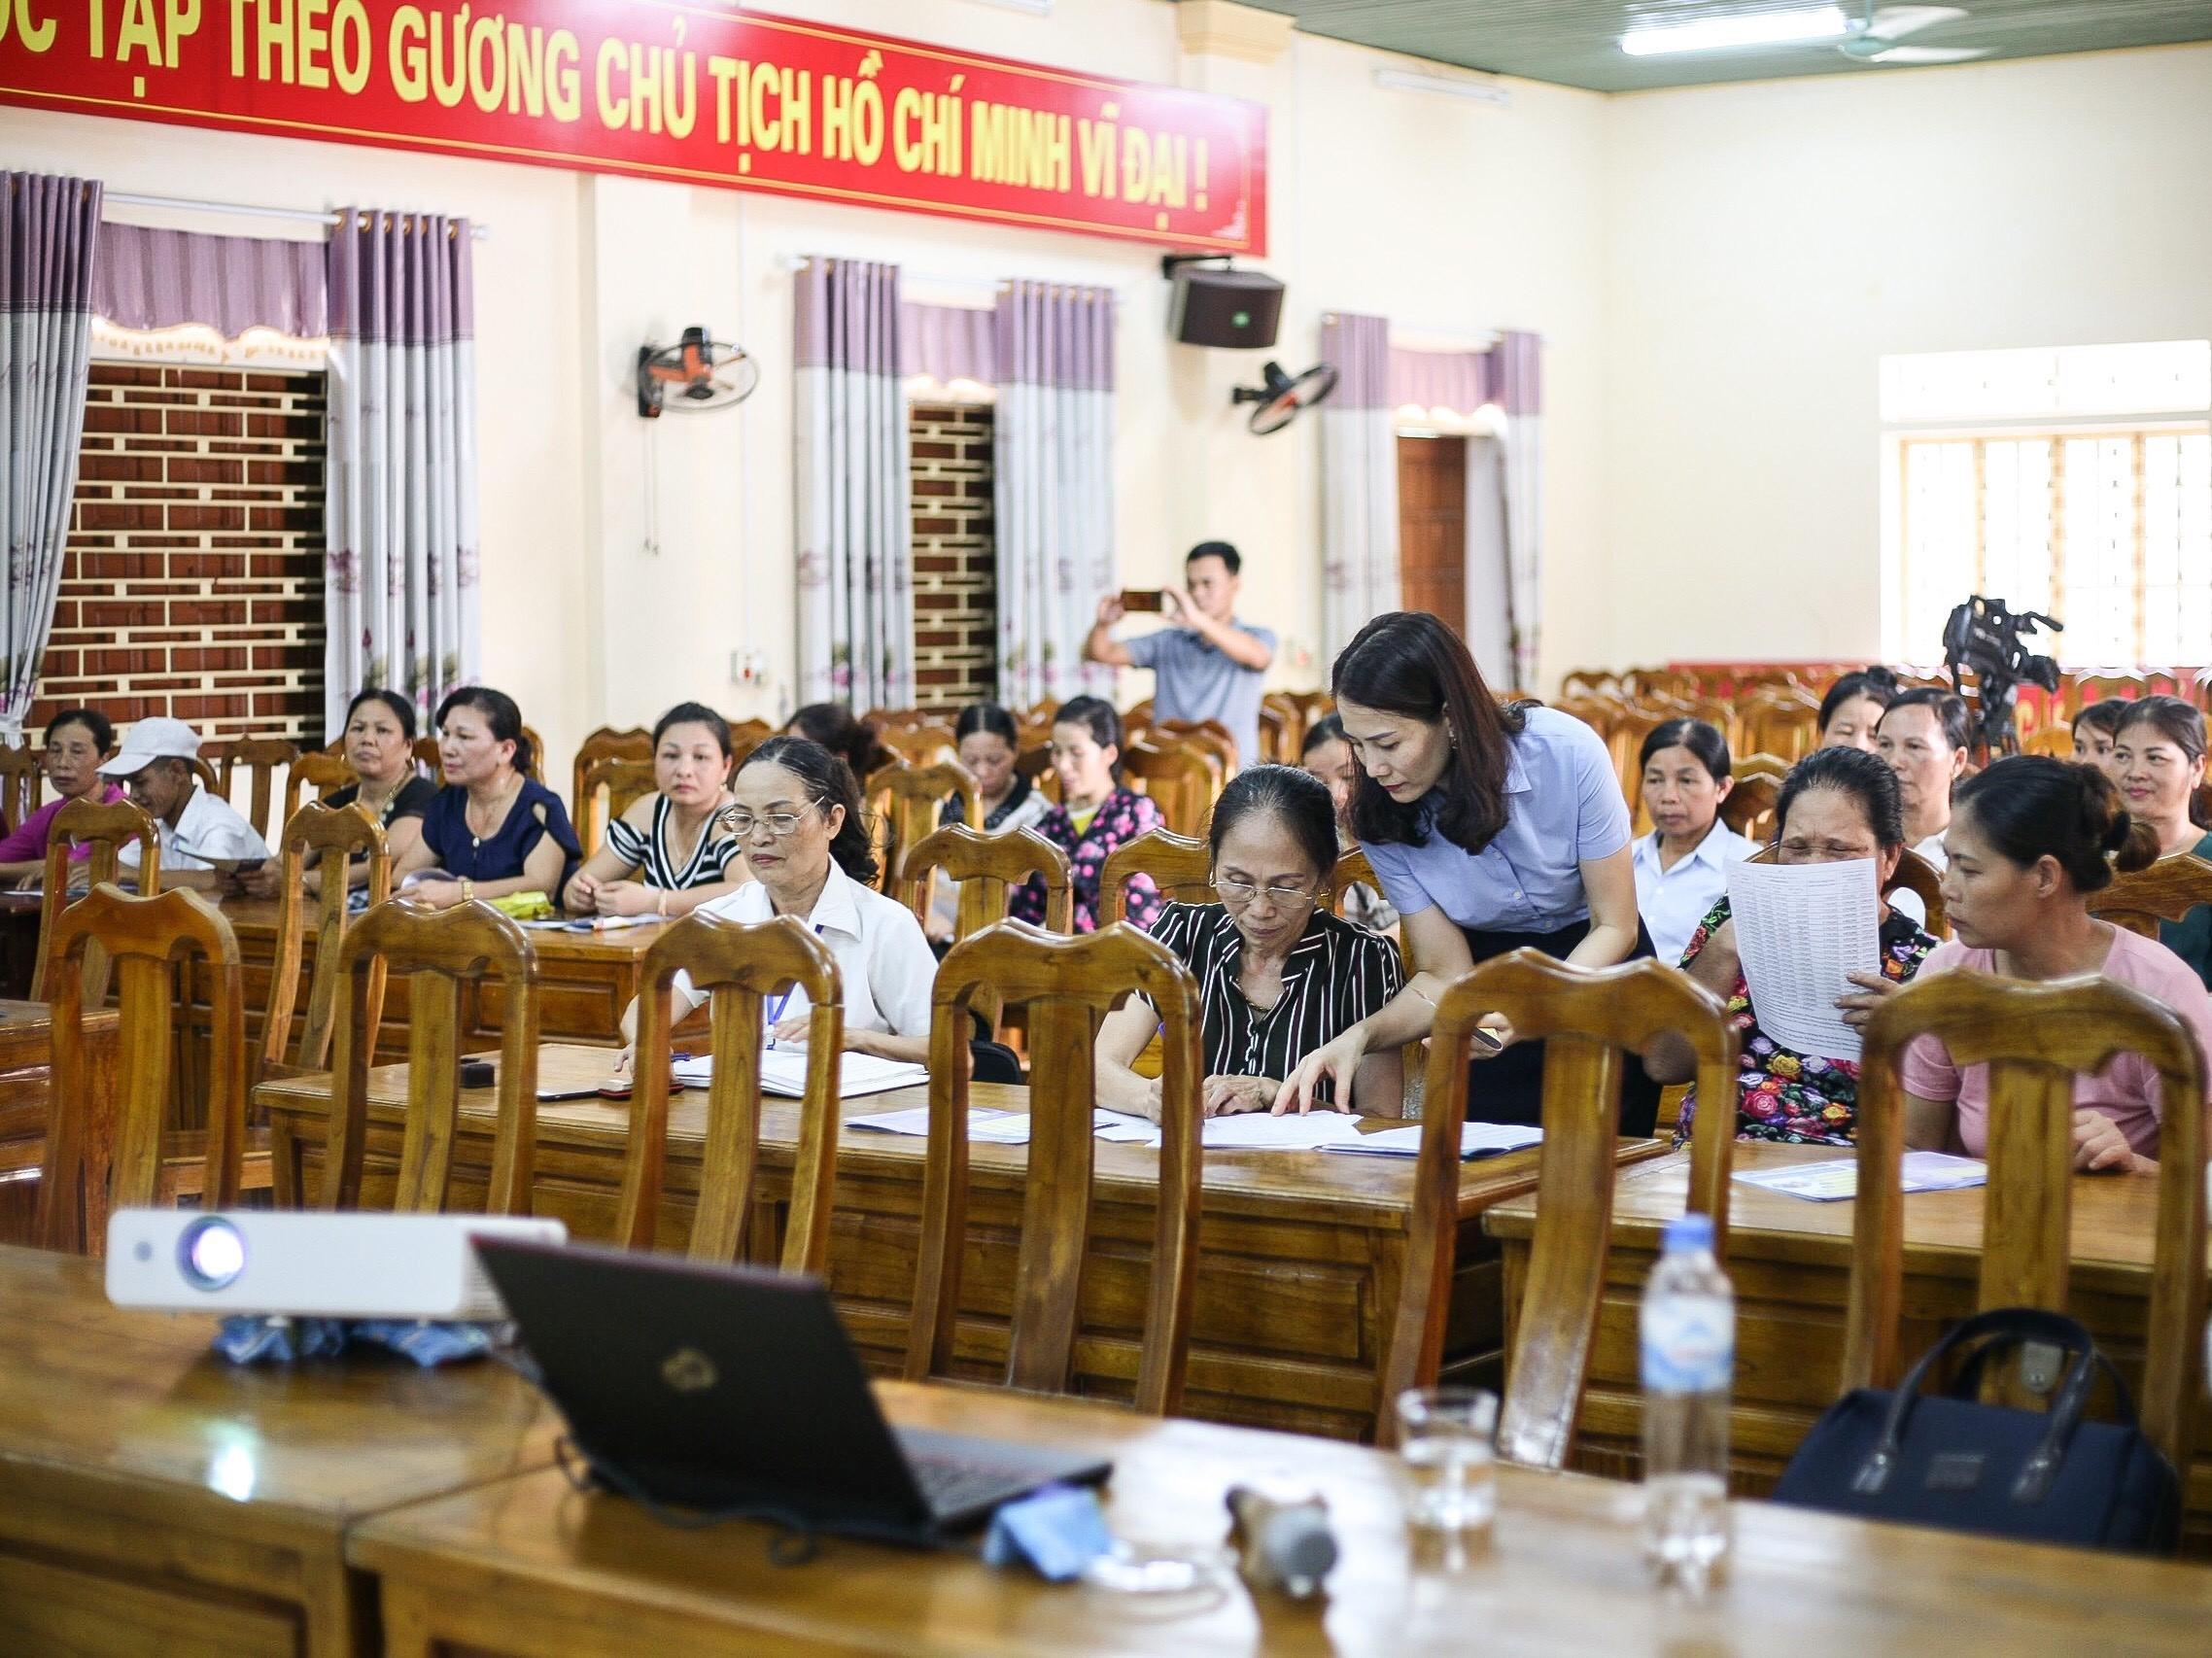 Hiệu quả phát triển bảo hiểm xã hội tự nguyện ở Yên Bái